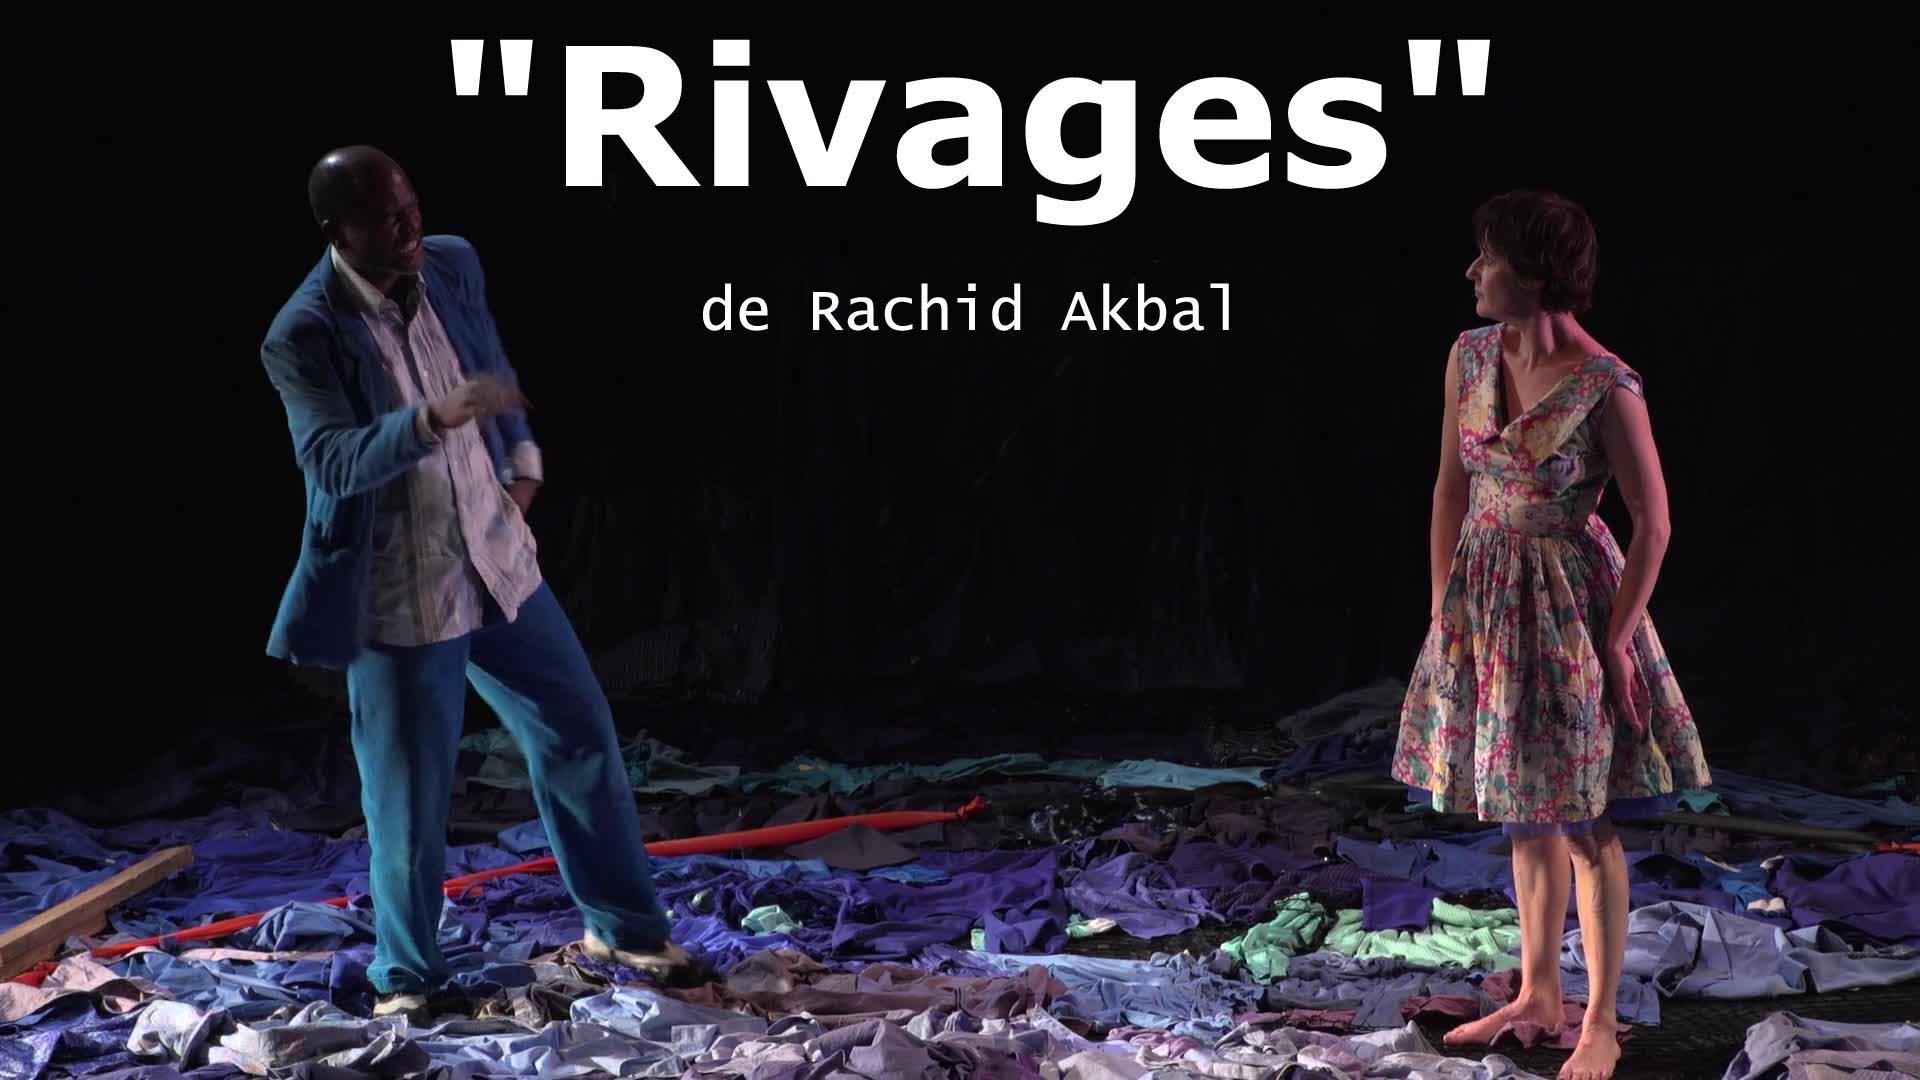 « Rivages », texte et m.e.s. Rachid Akbal